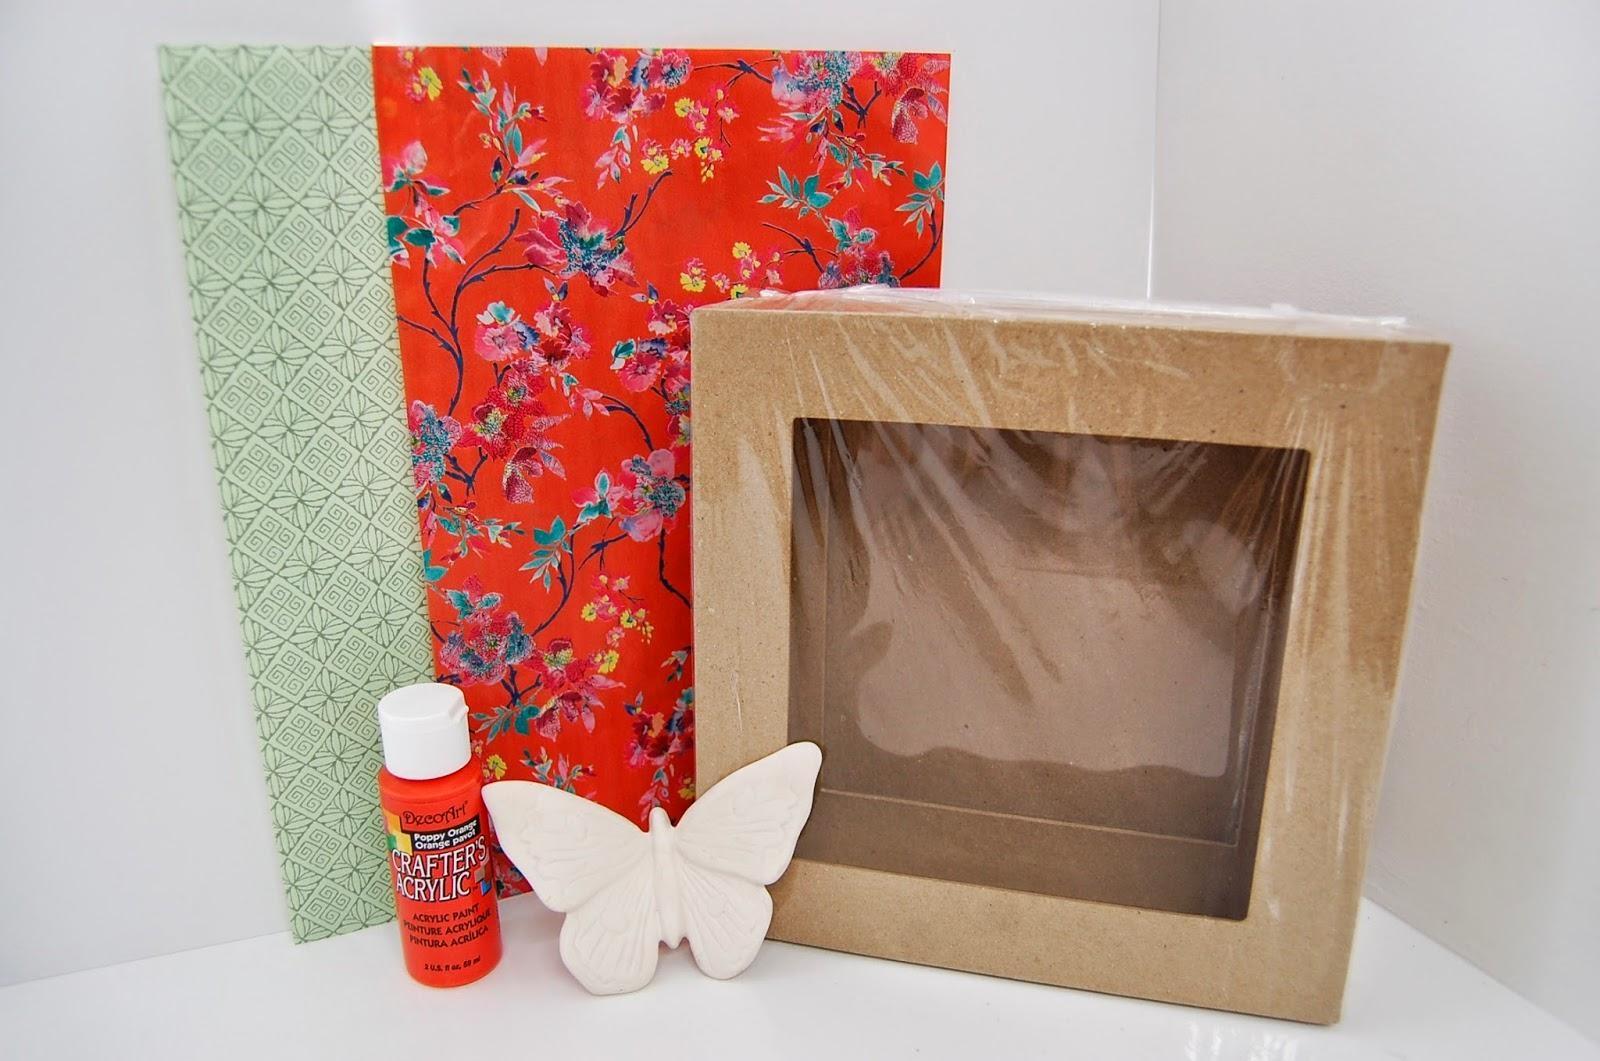 3D Box Frame Decoupage/decopatch Makeover Wall Art Idea regarding Decoupage Wall Art